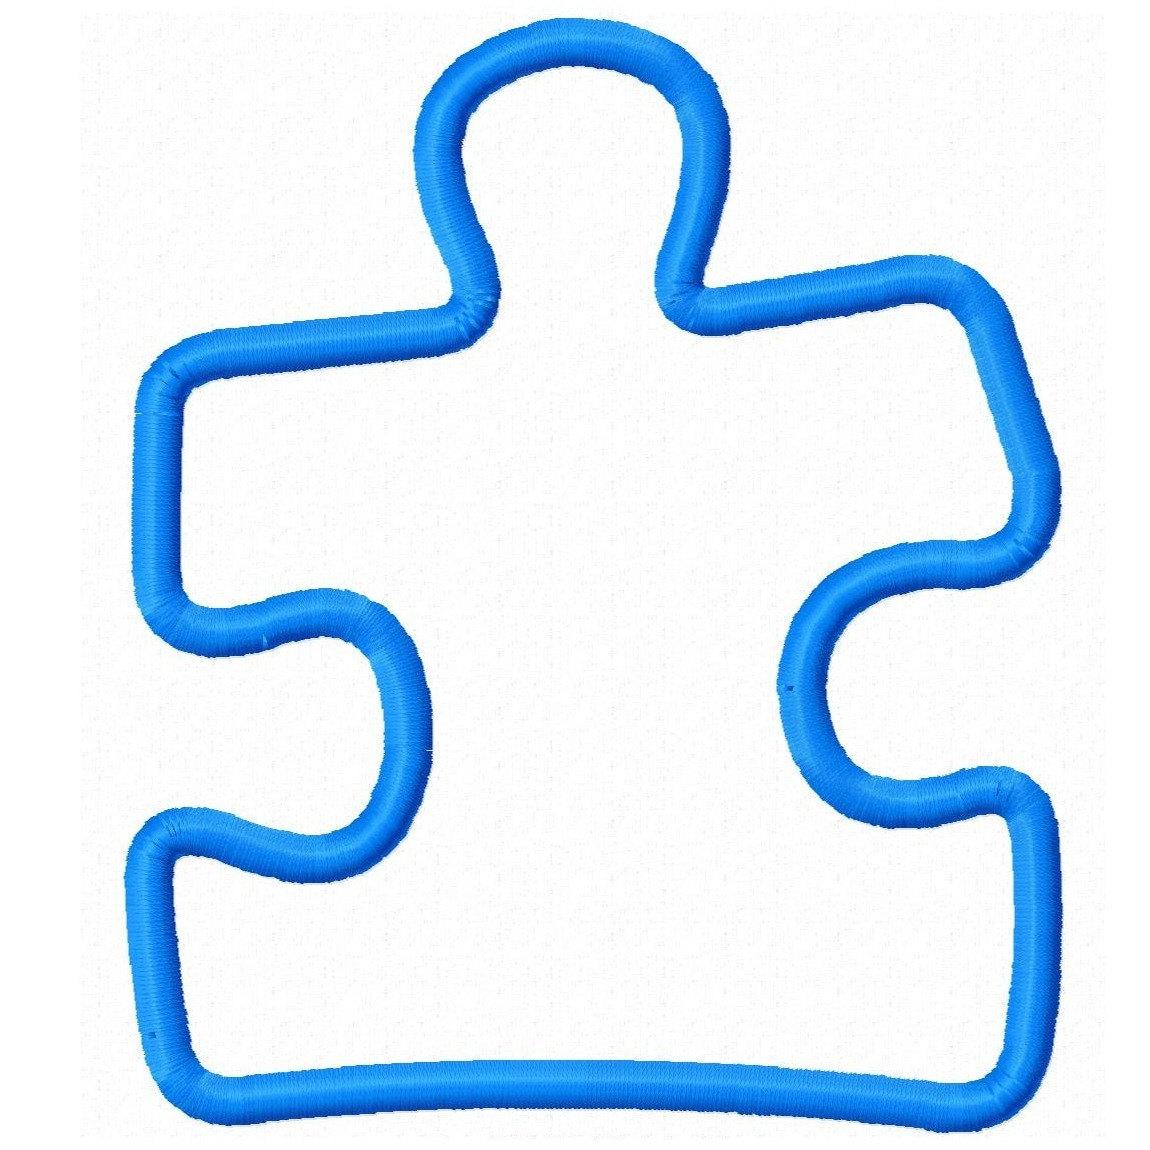 Autism Puzzle Piece Hd Wallpaper Clipart.